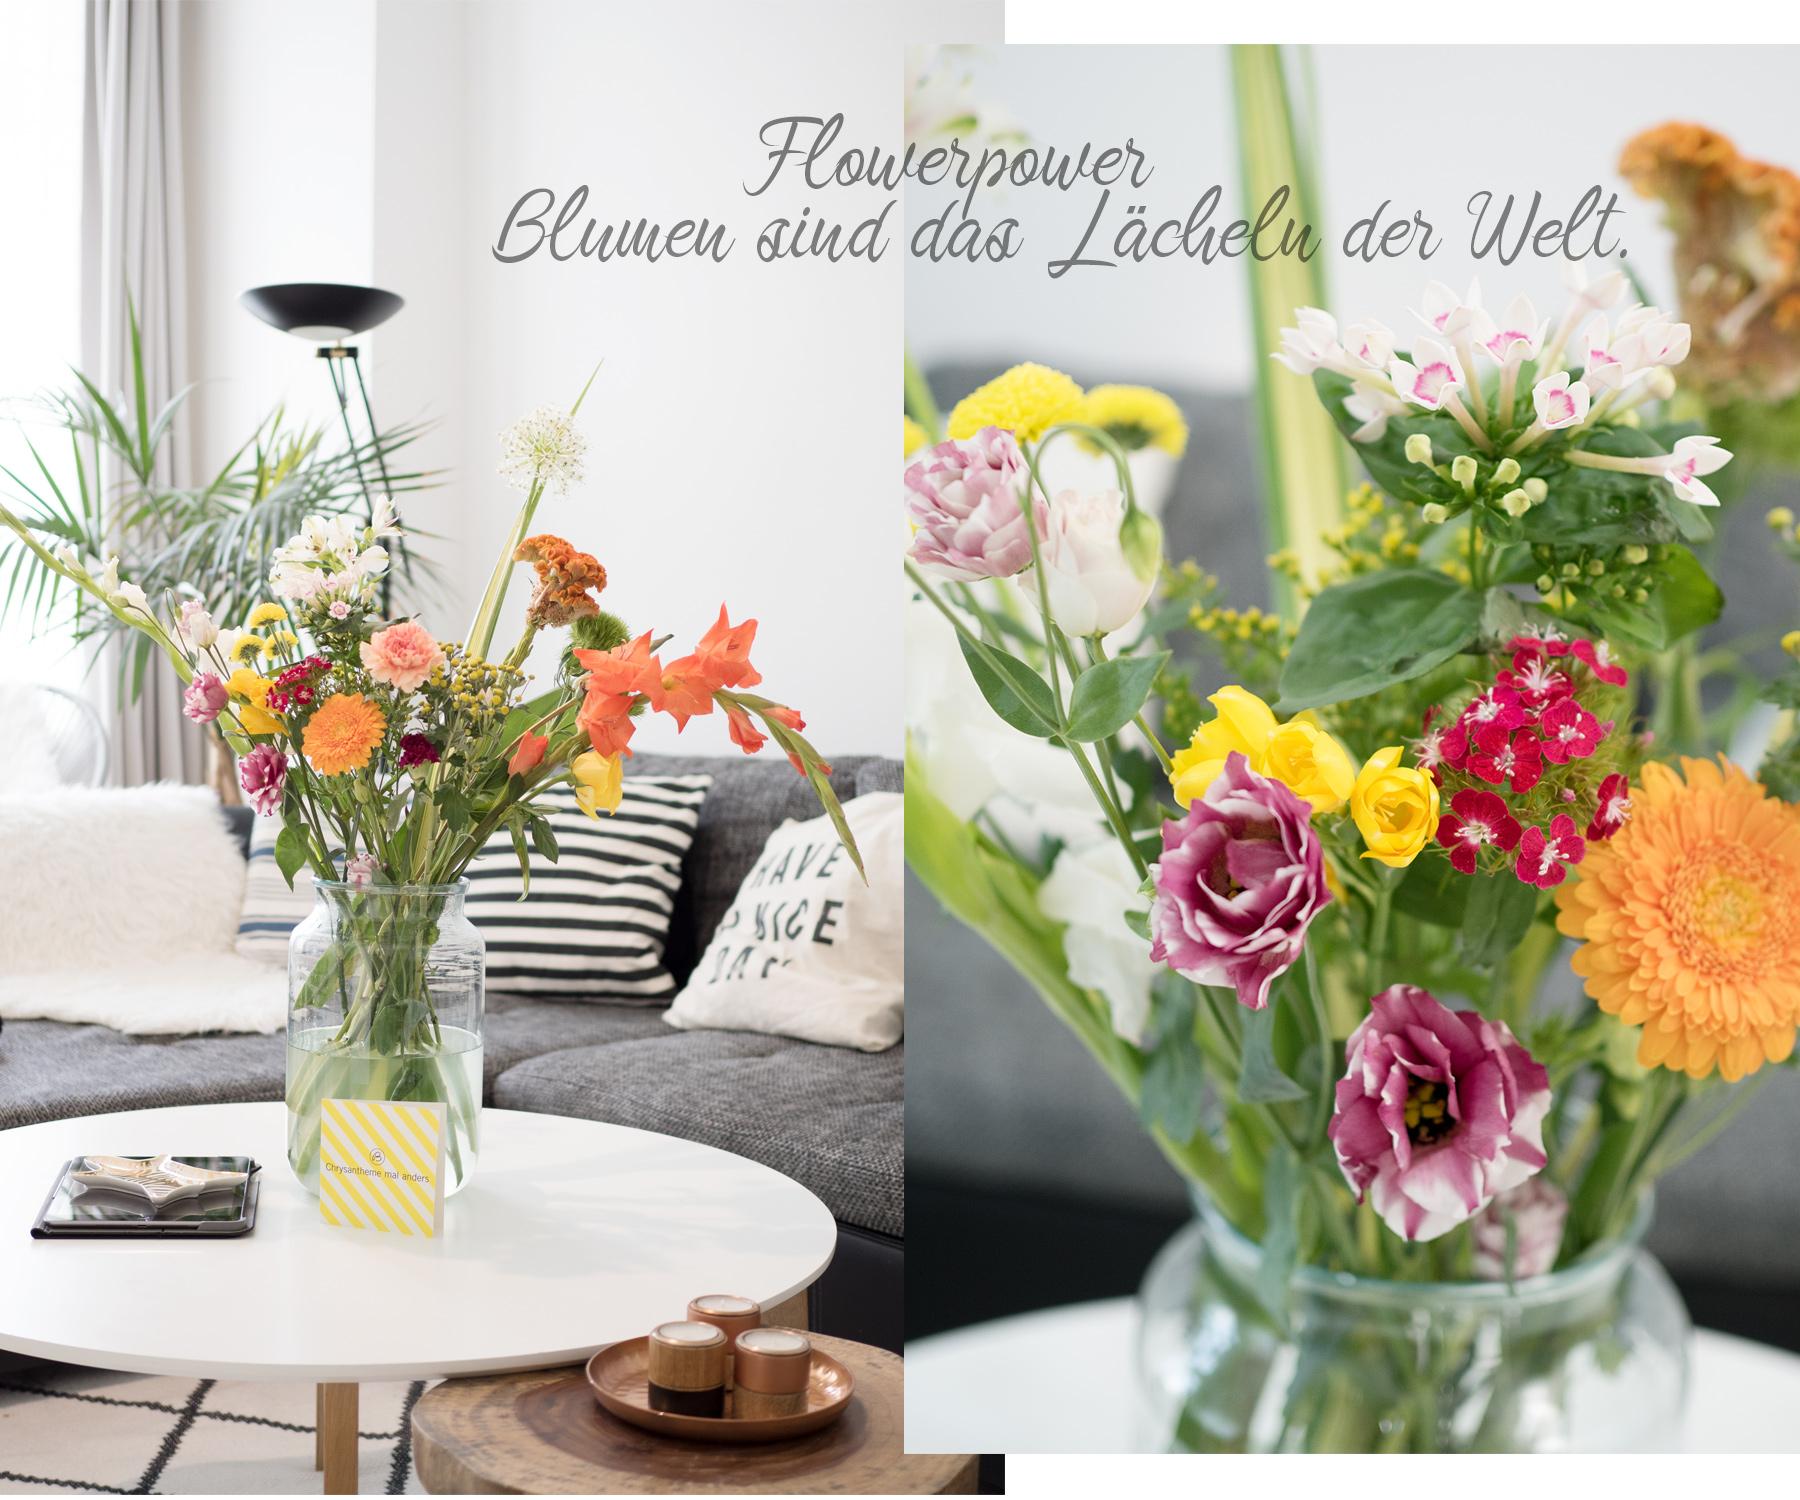 Bild: Blumenstrauß, Bloomon, Home, Interieur, Interior, Wohnen, Blumen, Bouquets, Blogger, Shades of Ivory, Living